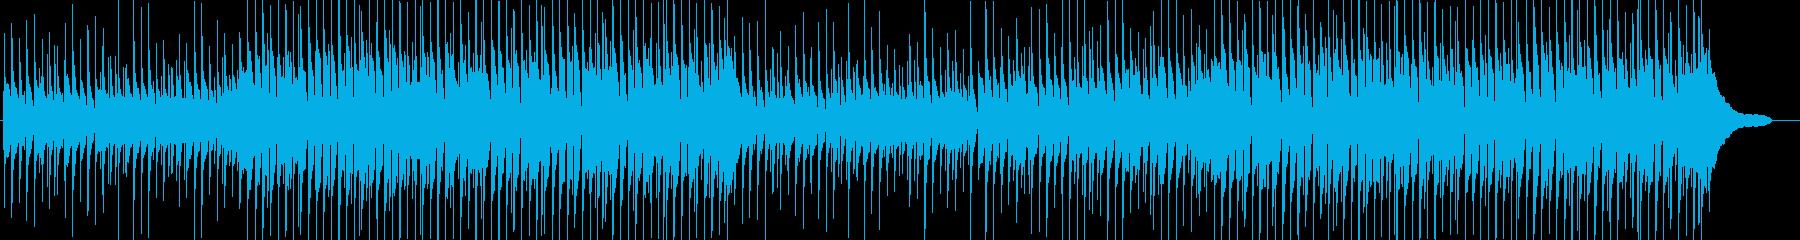 ウクレレ、ほのぼの、南国、夏、ビーチ、Fの再生済みの波形